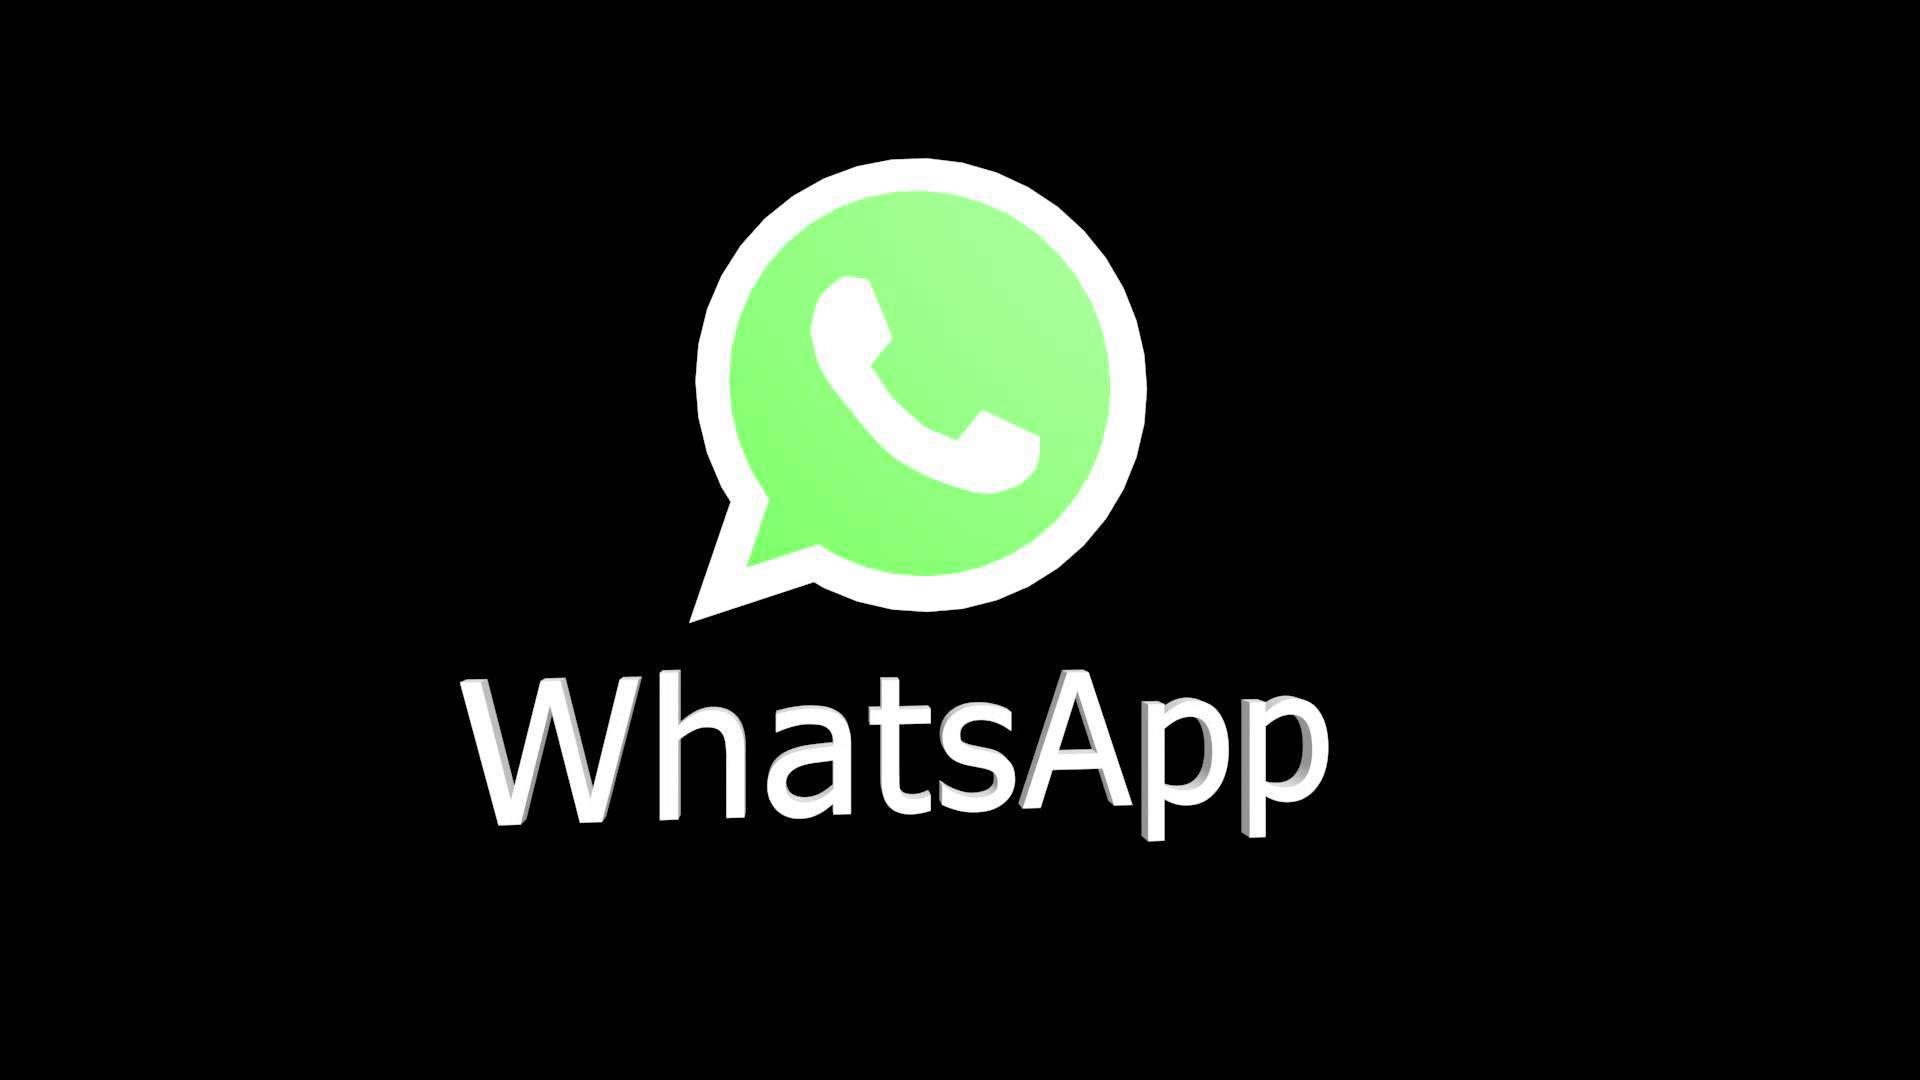 Whatsapp-juttukuva